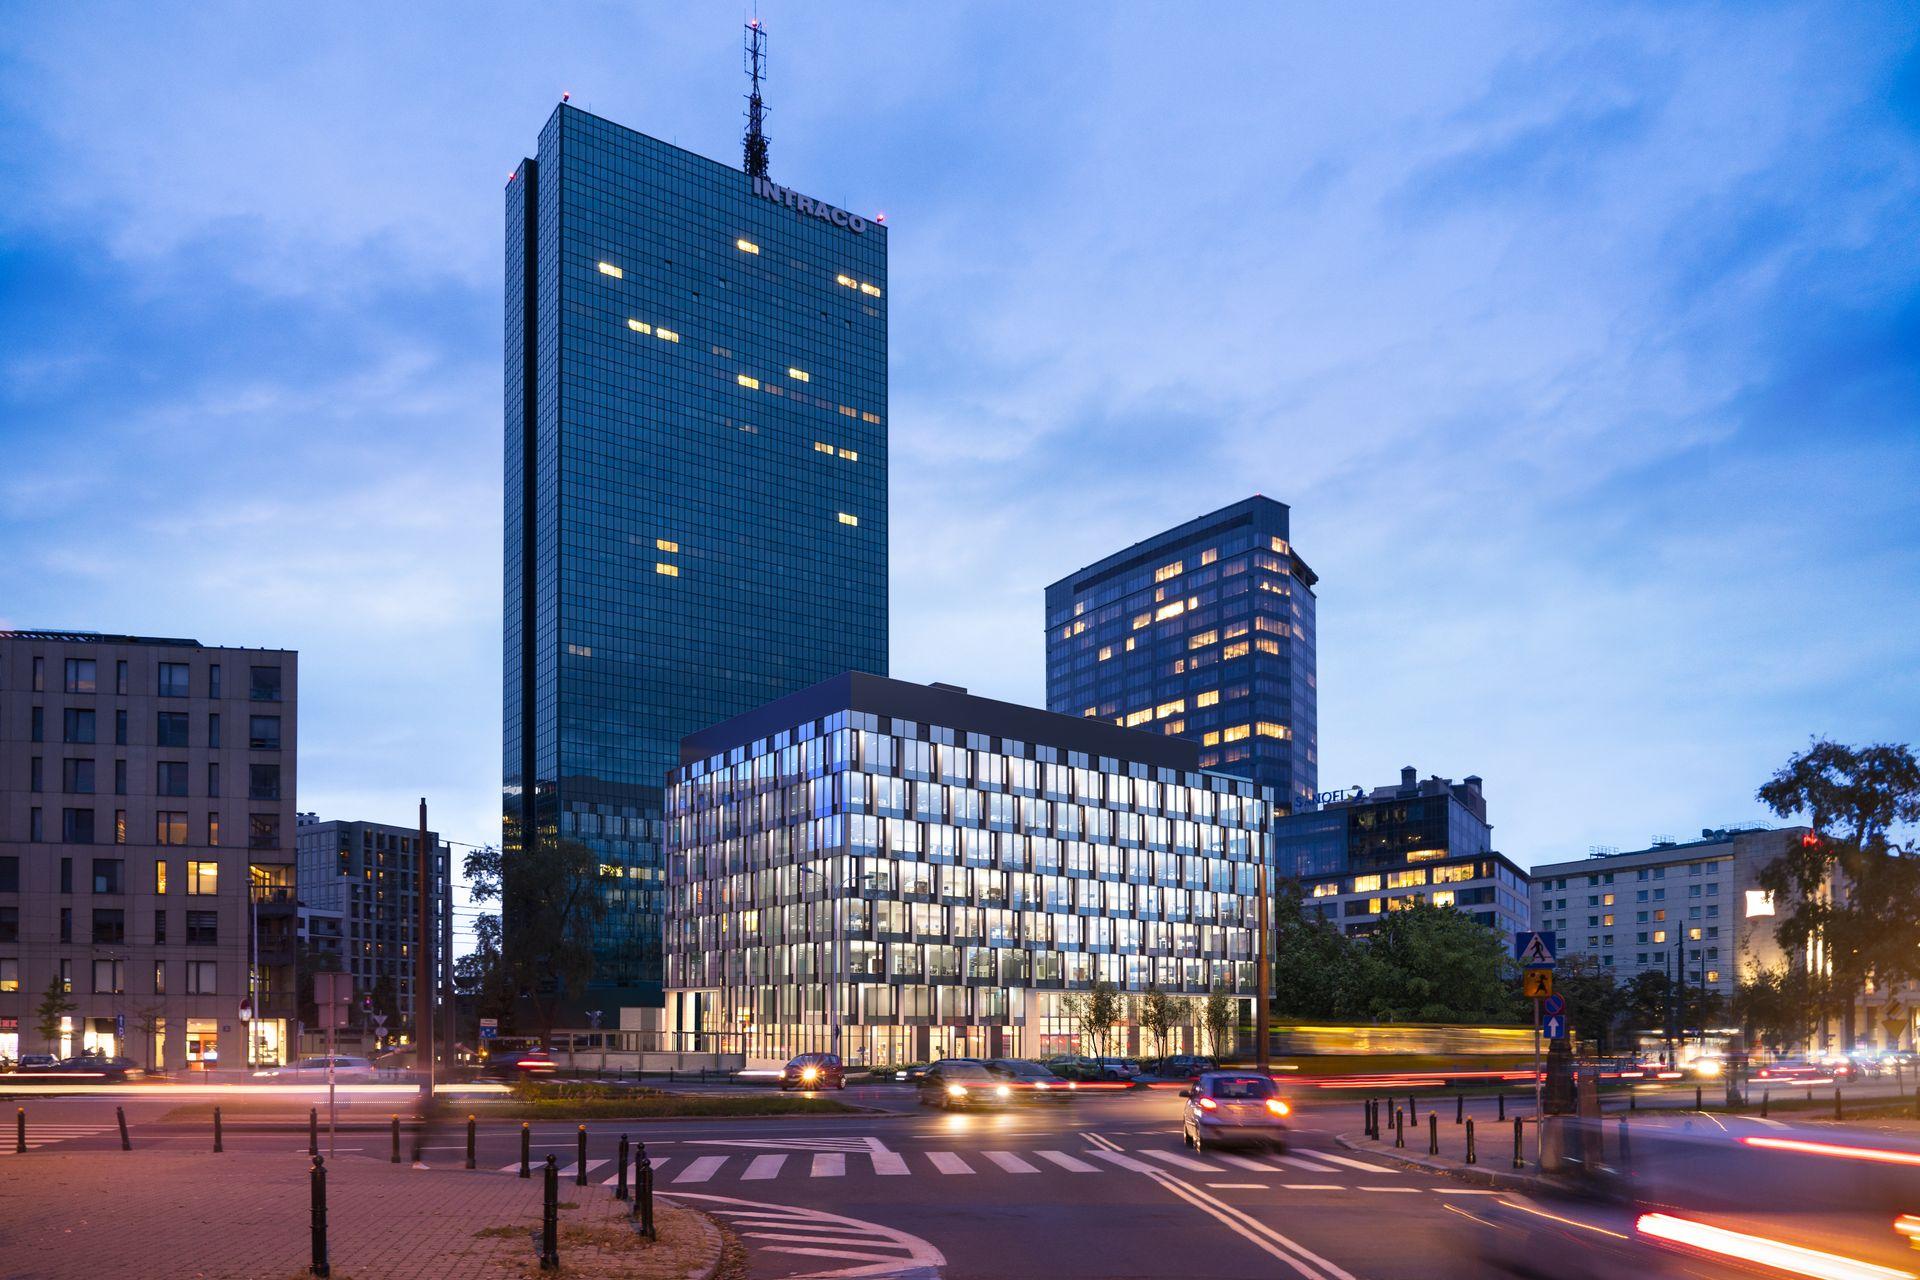 Przy ulicy Stawki w Warszawie powstaje nowy biurowiec Intraco Prime